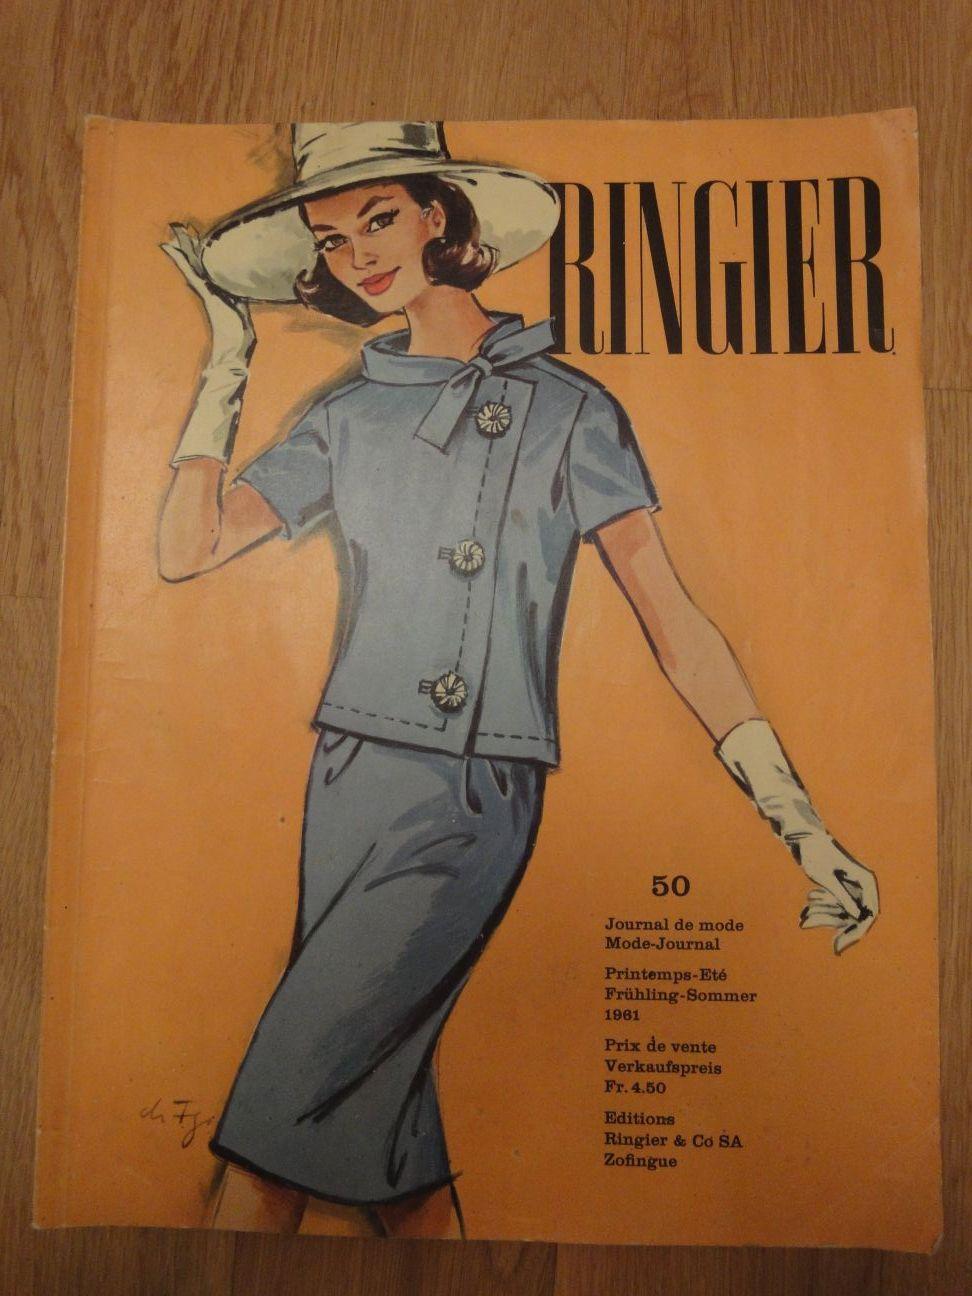 Ringier Journal de Mode Spring/Summer 1961